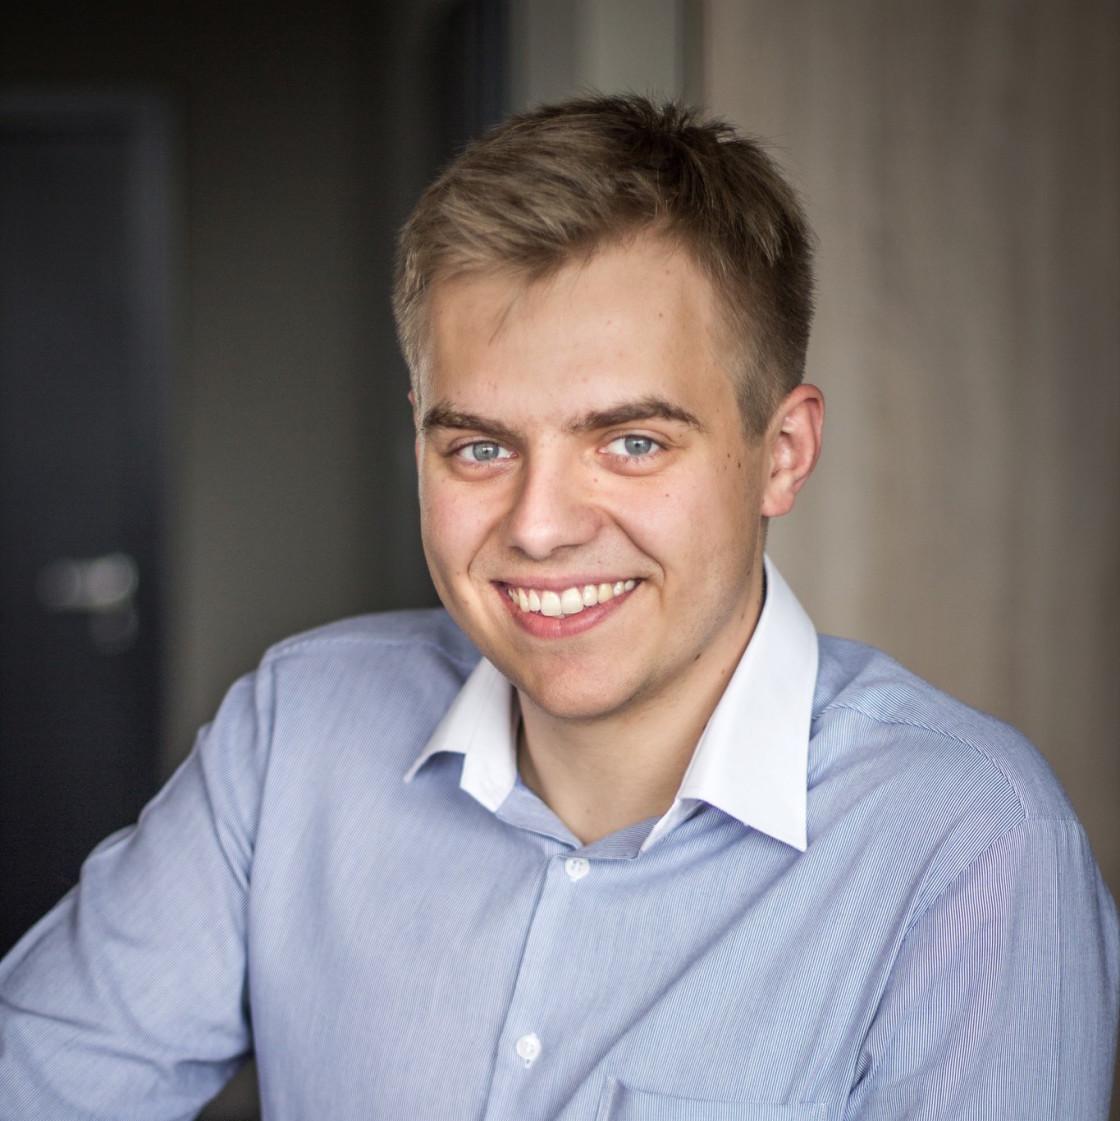 Odcinek 12 – Bartłomiej Postek, Funmedia/Lerni (cz. 2)